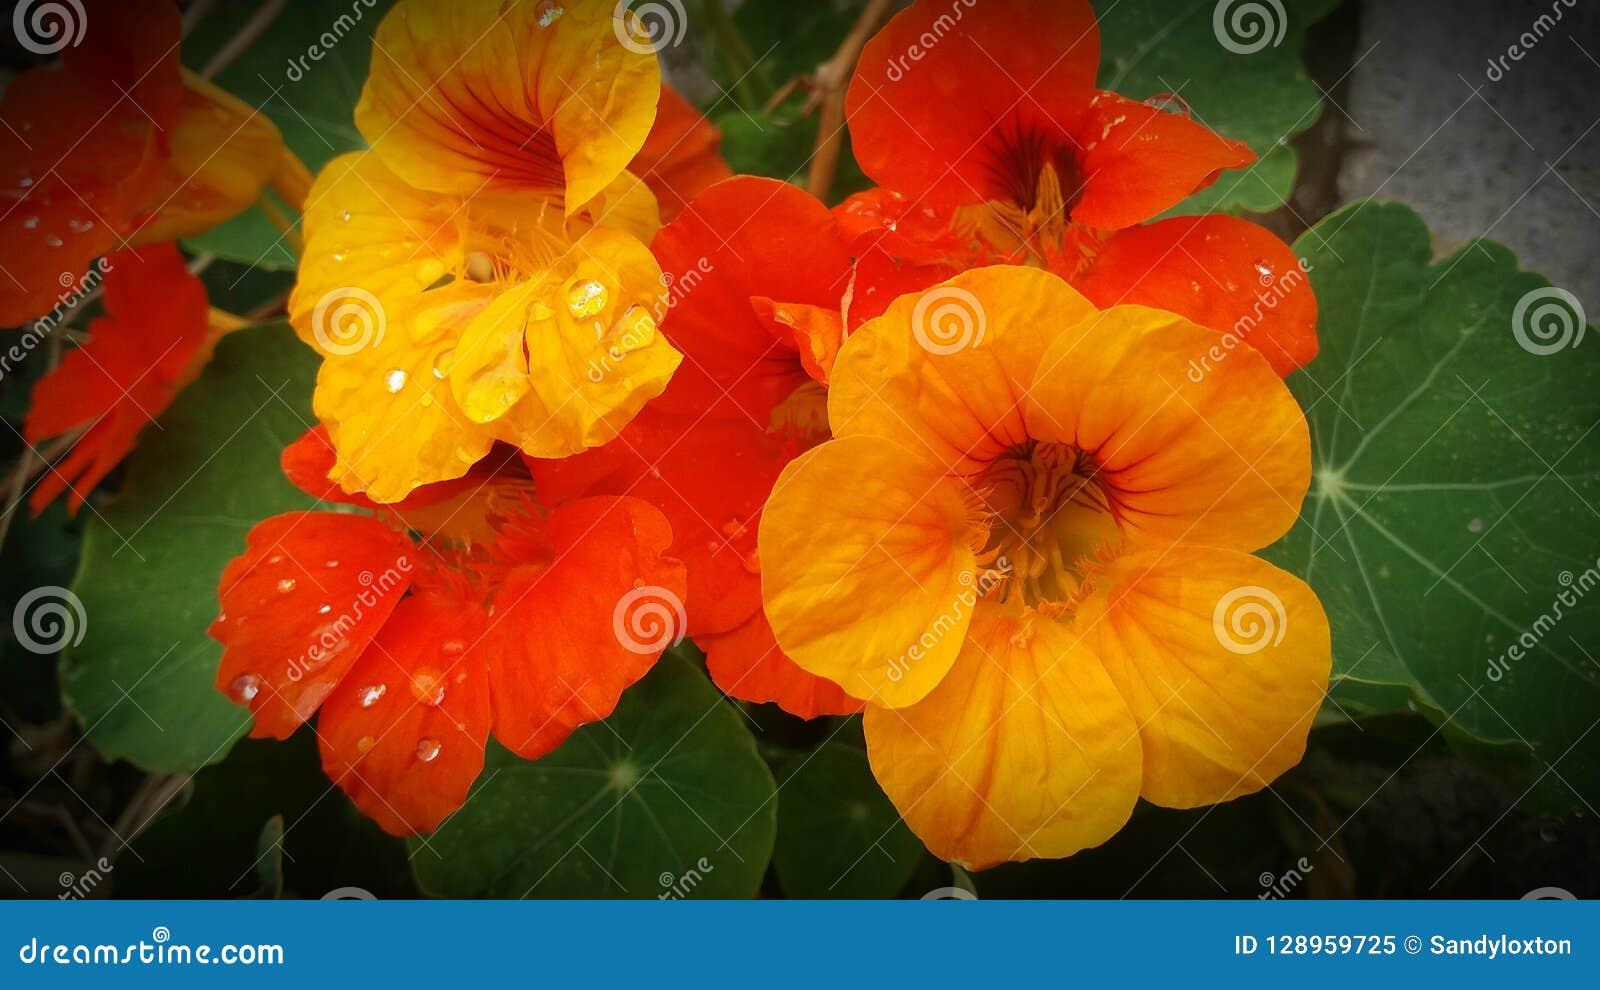 Fiori Arancioni E Gialli.Fiori Arancio E Gialli Del Nasturzio Con Le Gocce Di Pioggia